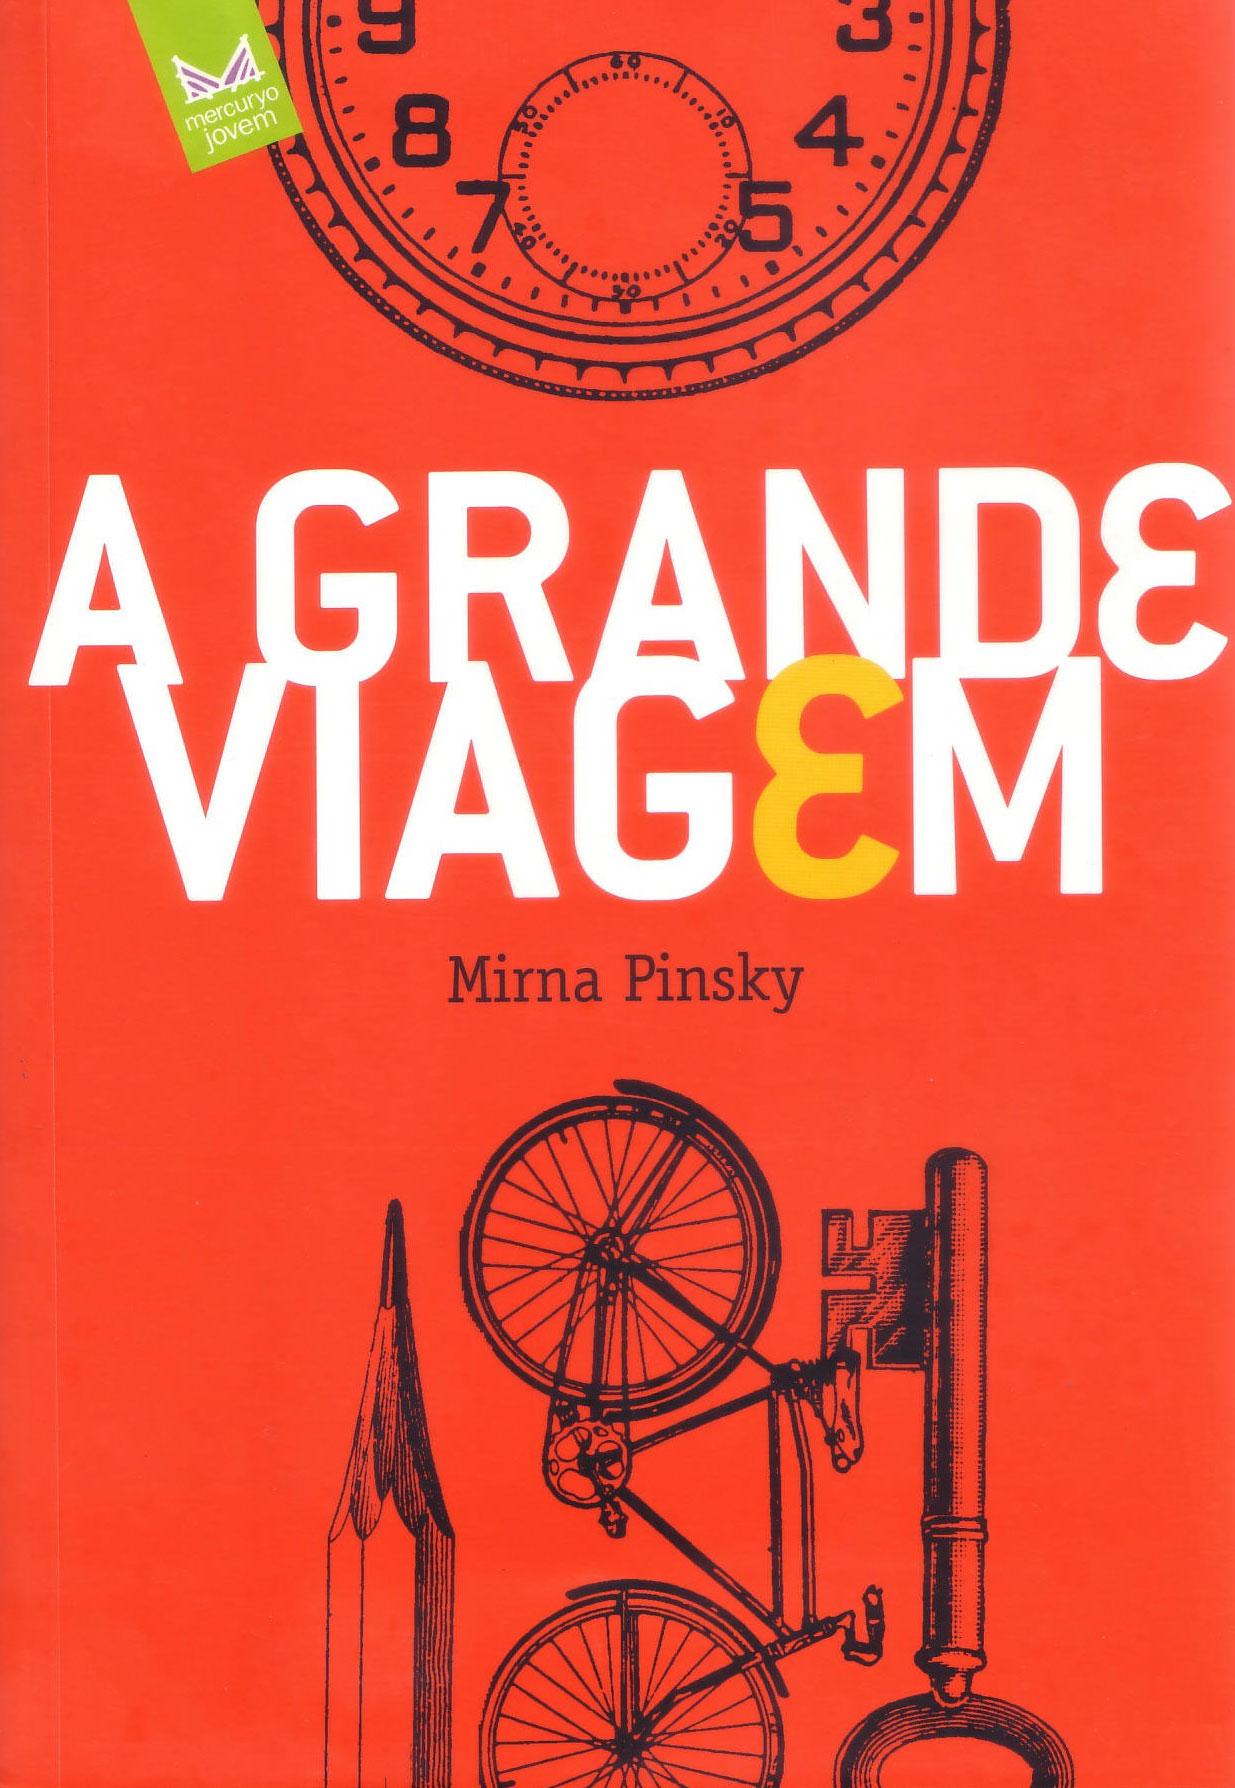 A-GRANDE-VIAGEM